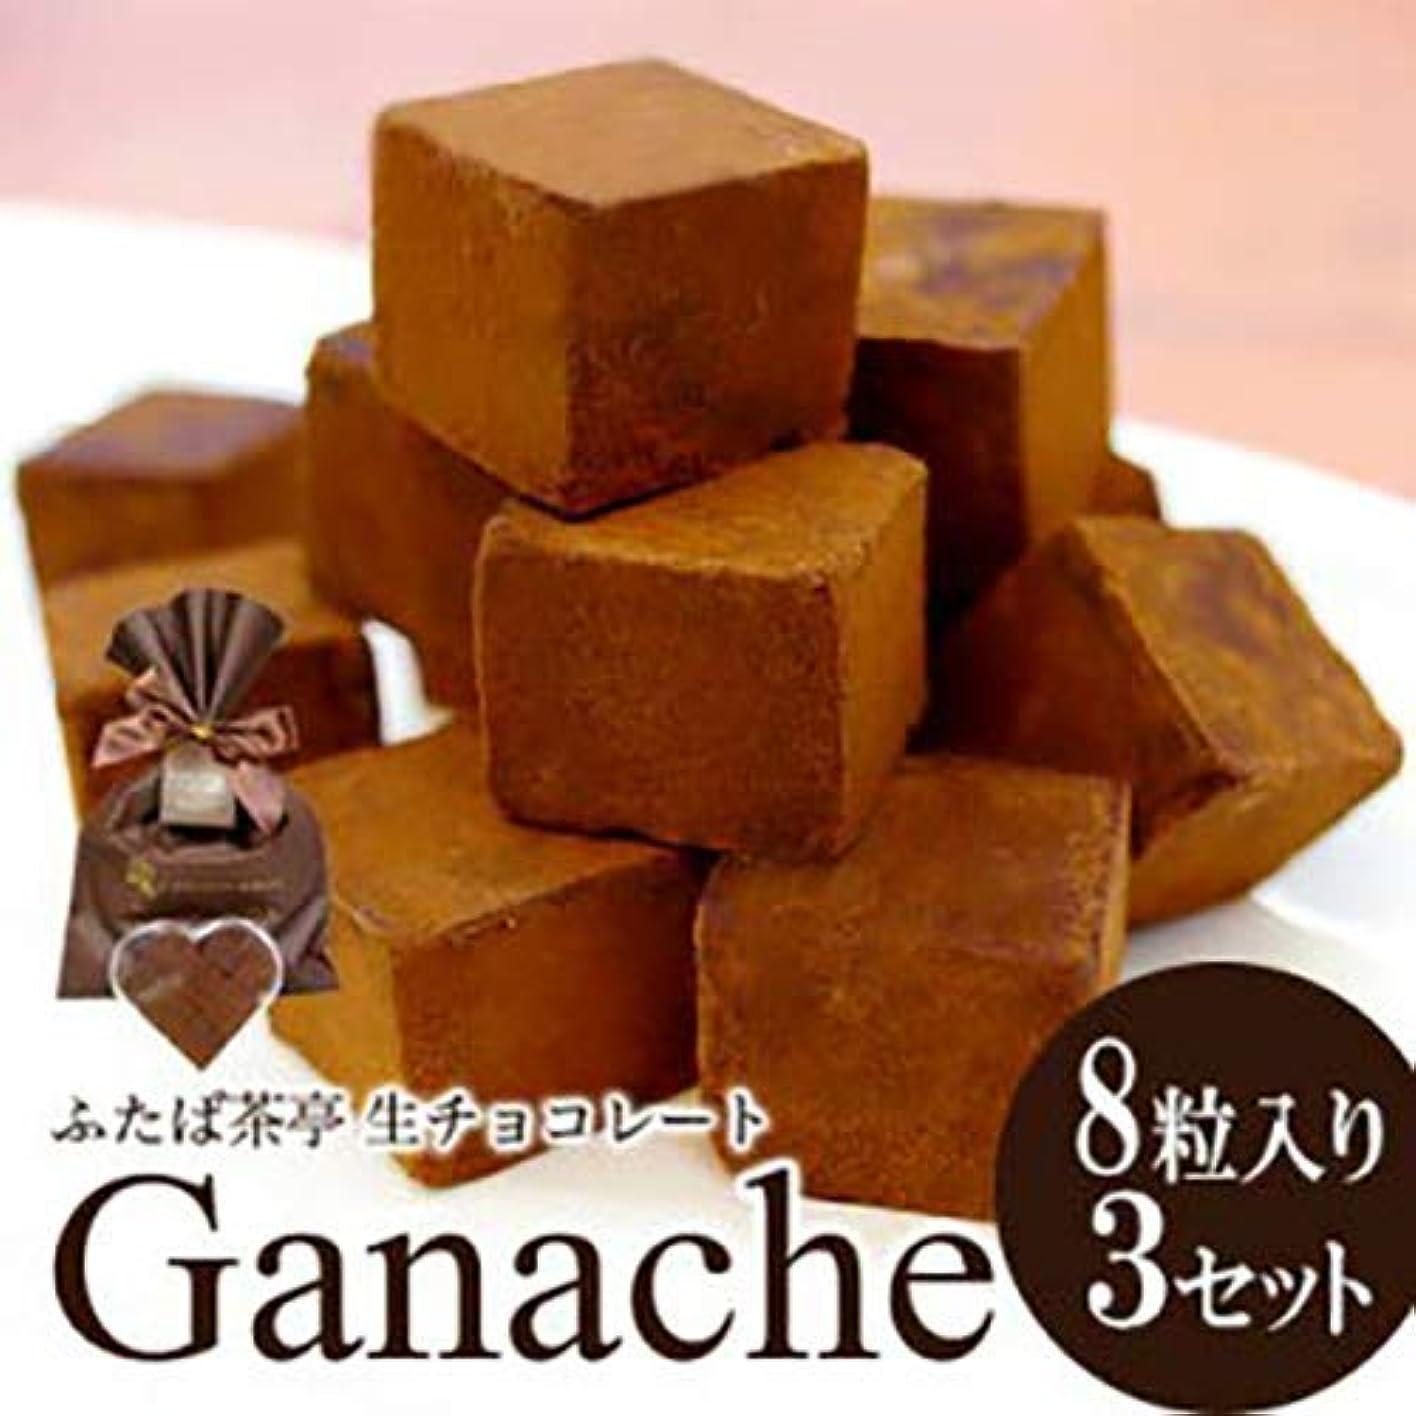 振るマウントナチュラ母の日 ふたば茶亭 ハートケース入り生チョコレート 8粒入×3セット